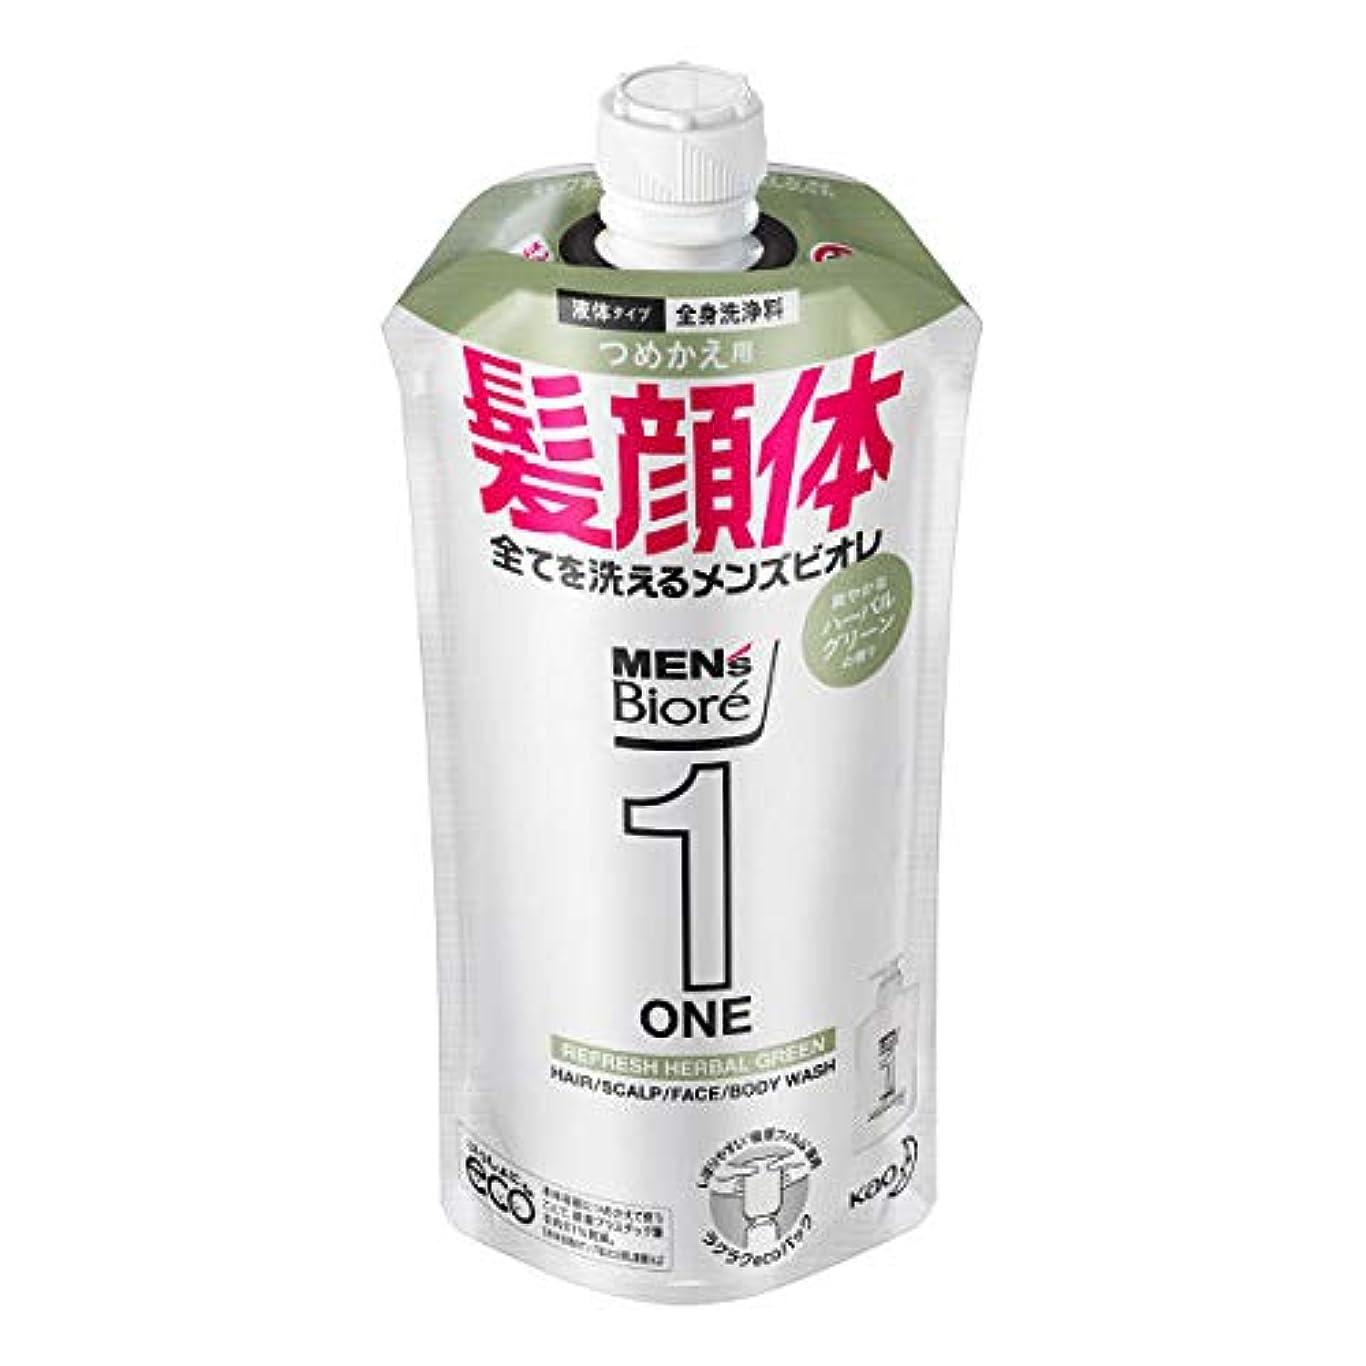 放置回転天のメンズビオレONE オールインワン全身洗浄料 爽やかなハーブルグリーンの香り つめかえ用 340mL